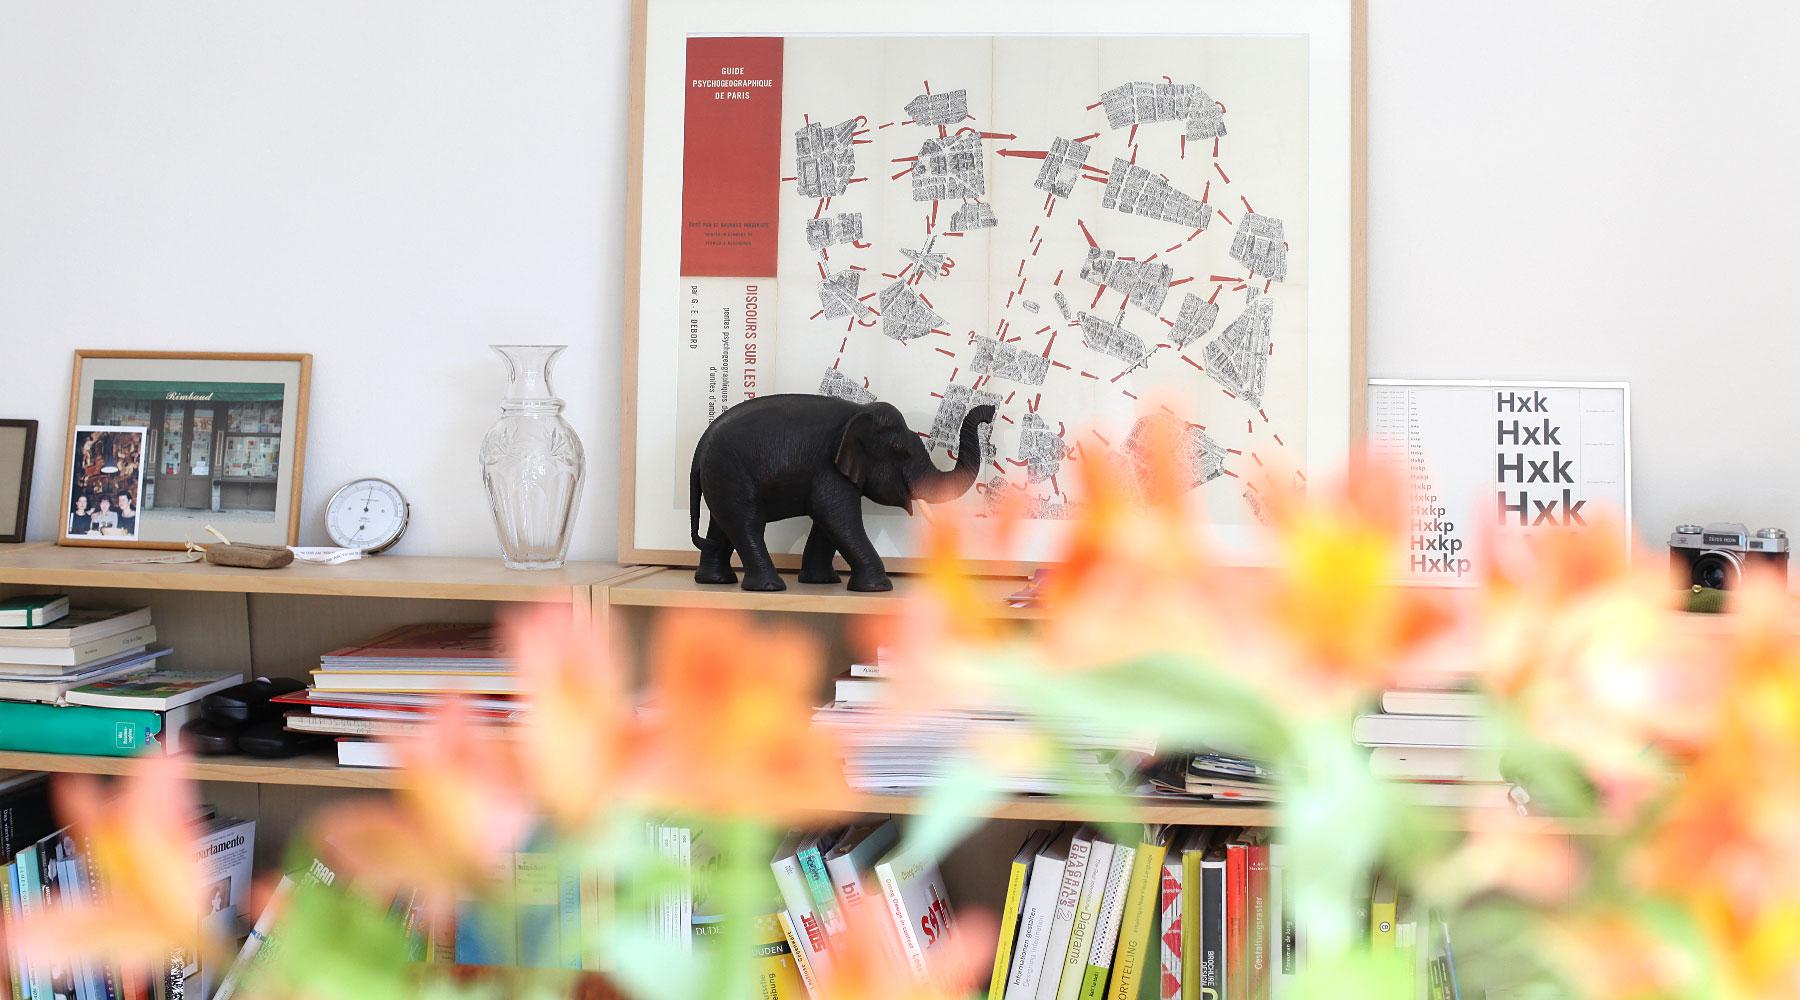 Innenansicht Agentur, Bücherregal mit einer Karte der Situationisten: Psychogeographic guide of Paris, sowie Vase, Hydrometer und Bilderrahmen.